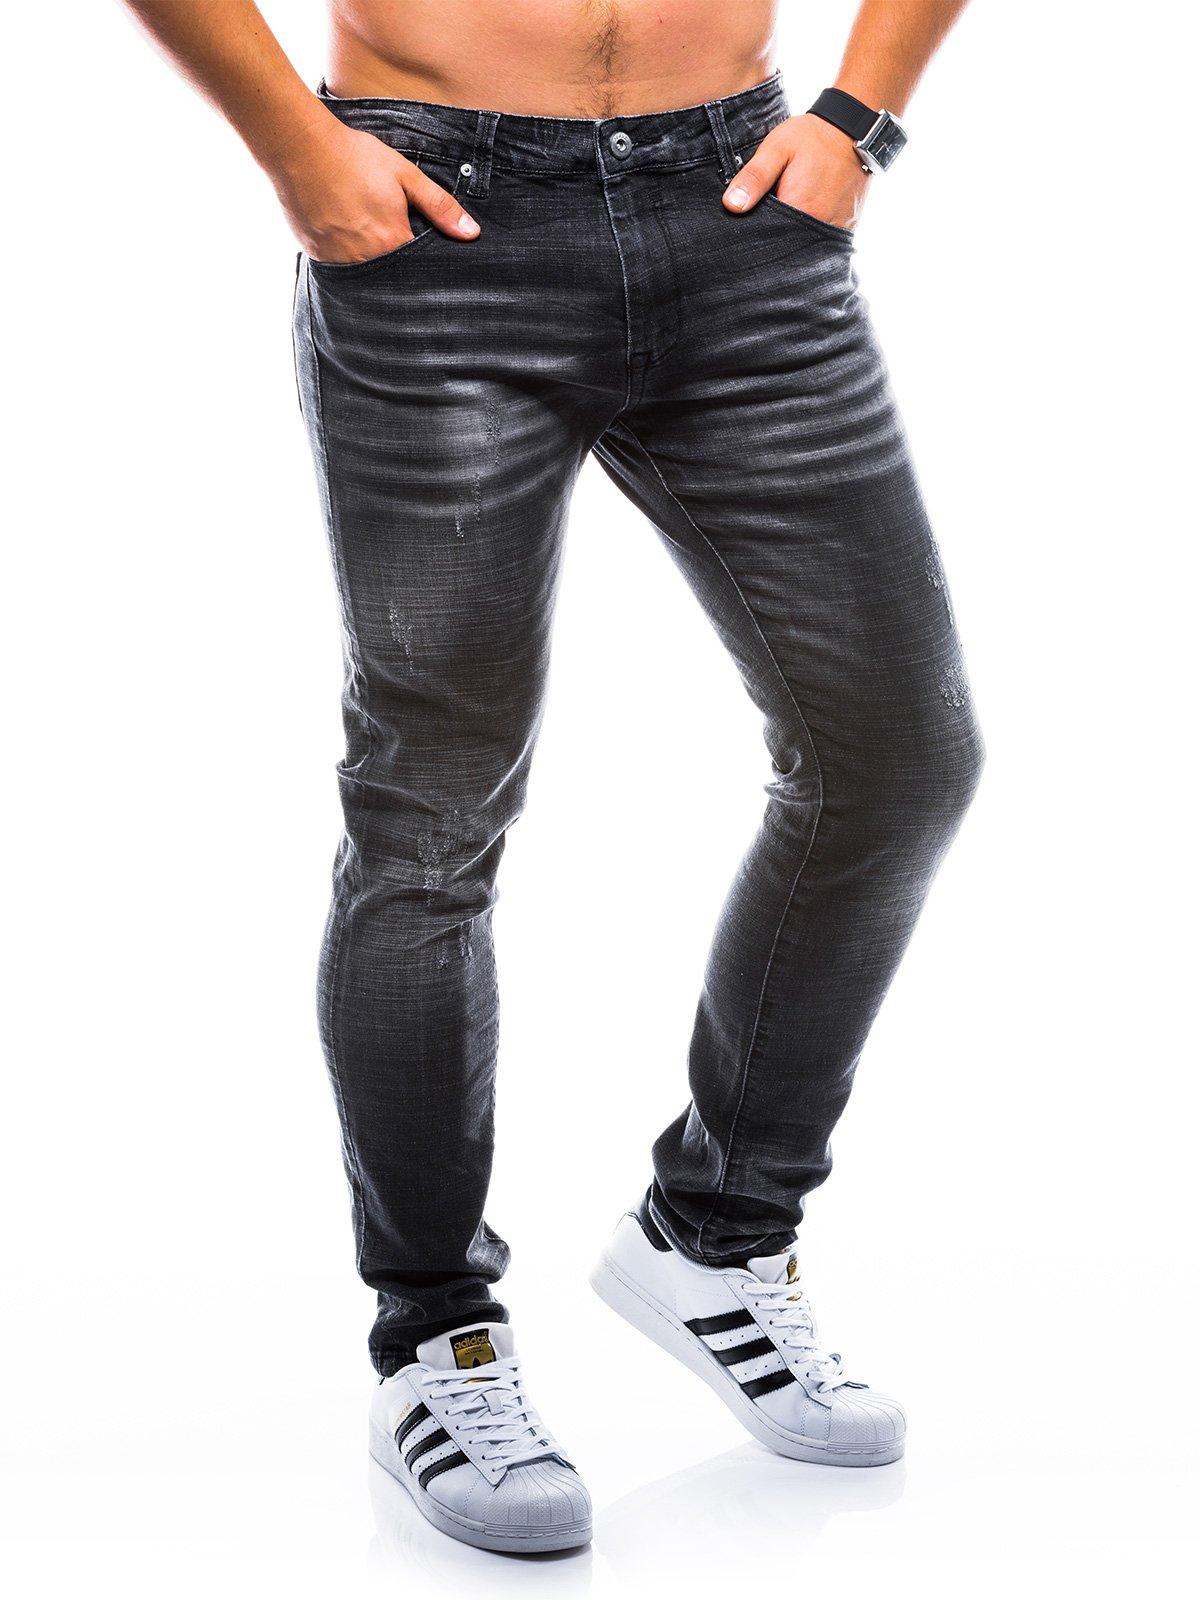 Spodnie męskie jeansowe P769 - czarne